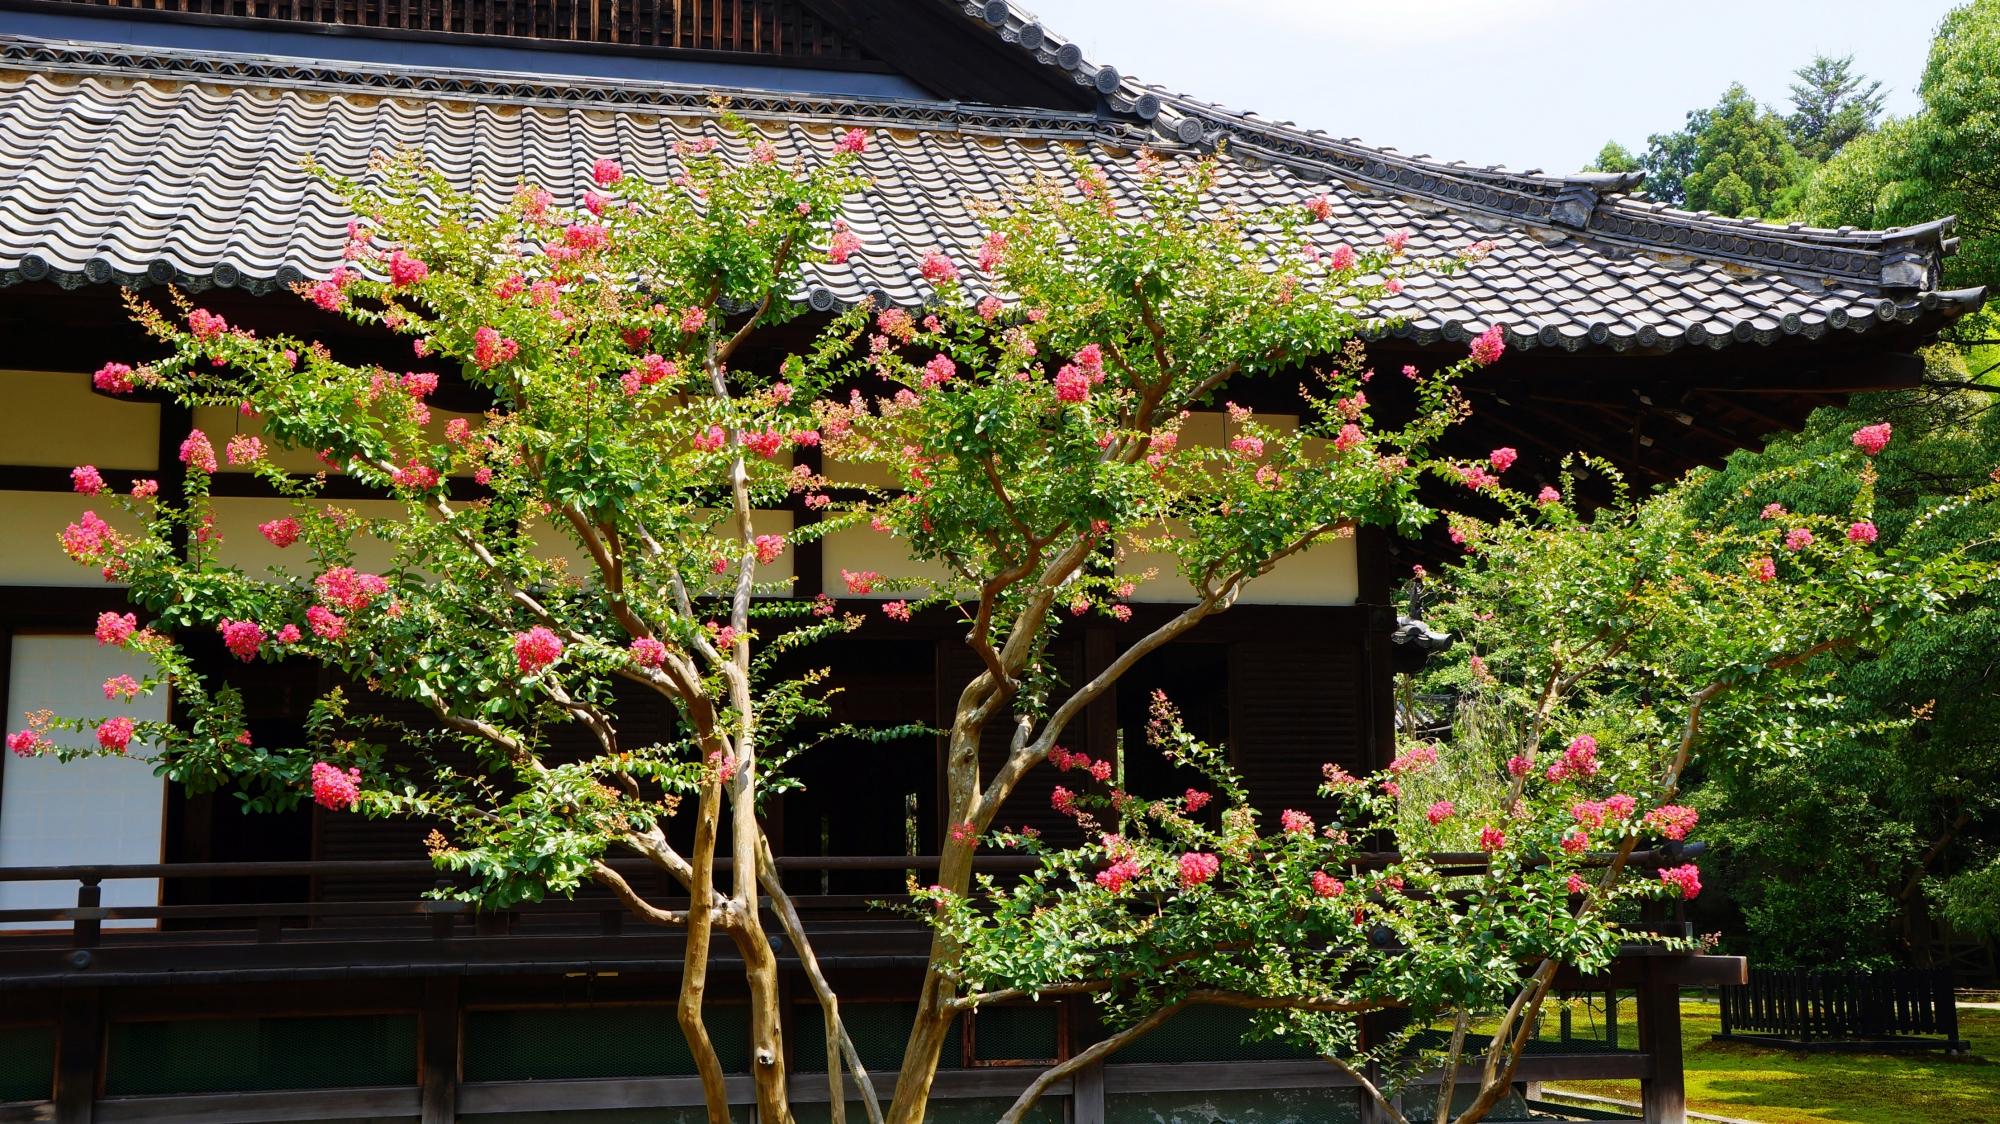 夏のそよ風に揺らめく煌くピンクの百日紅の花